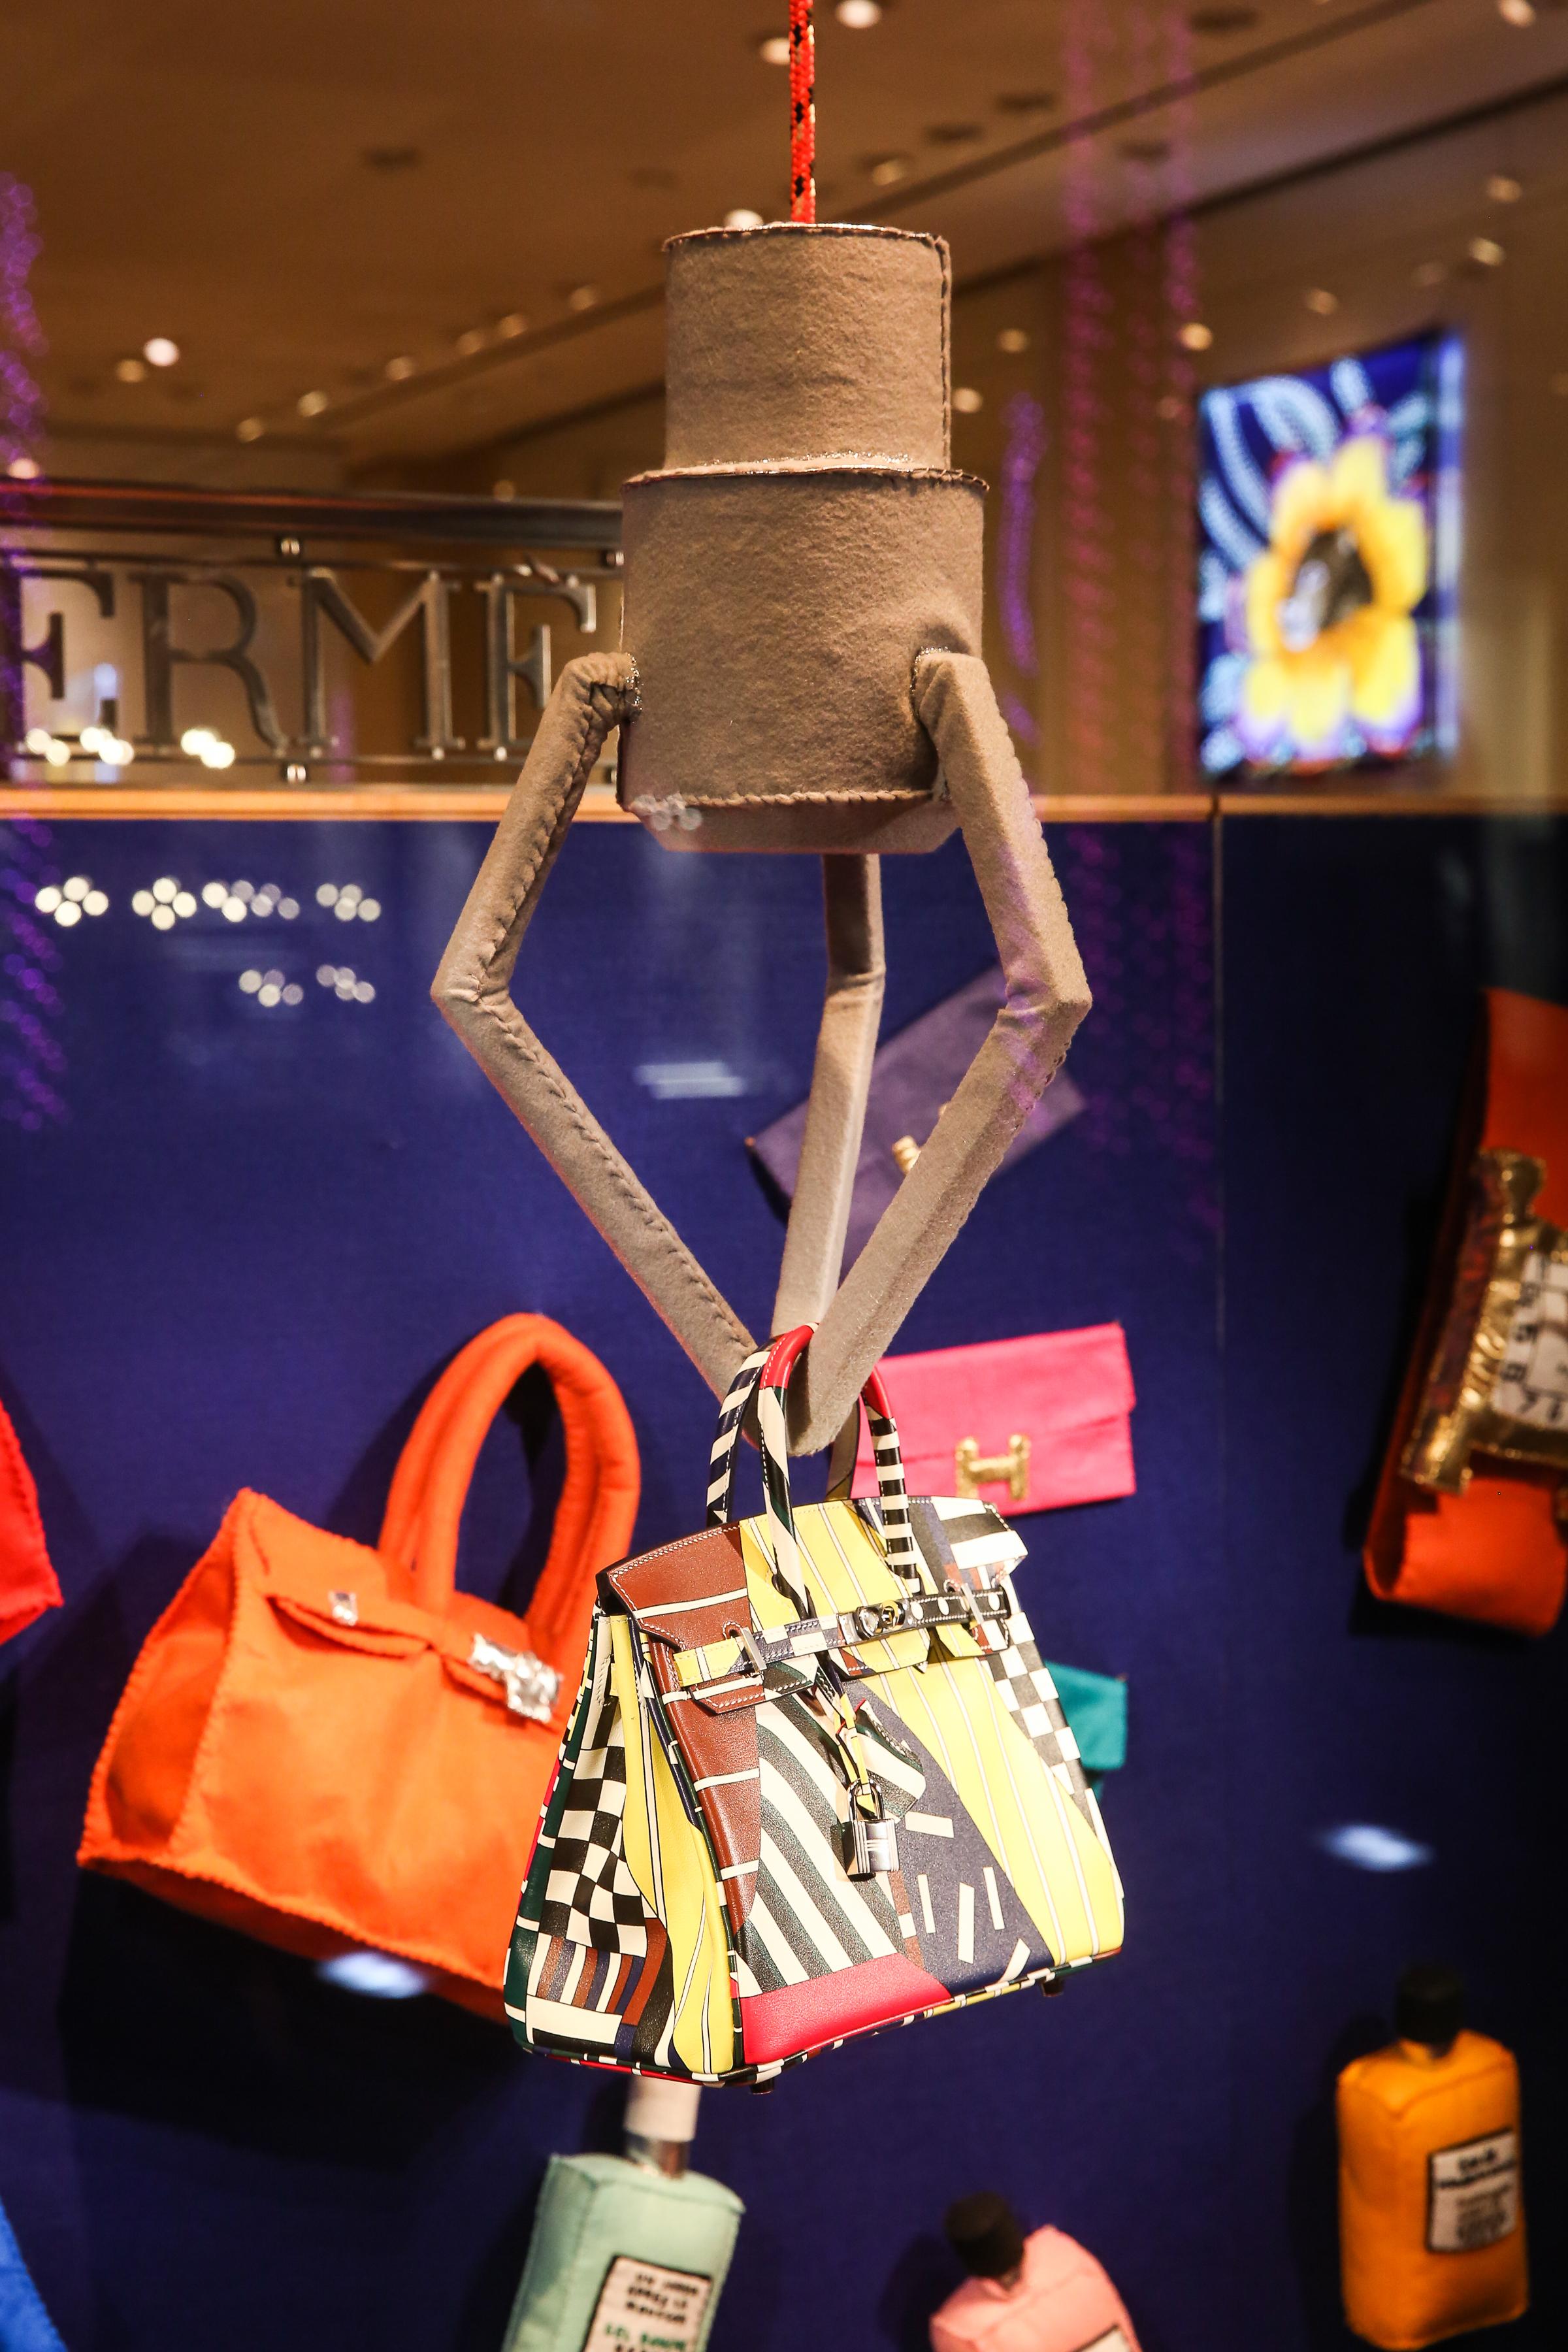 Hermès x Lucy Sparrow Holiday Window